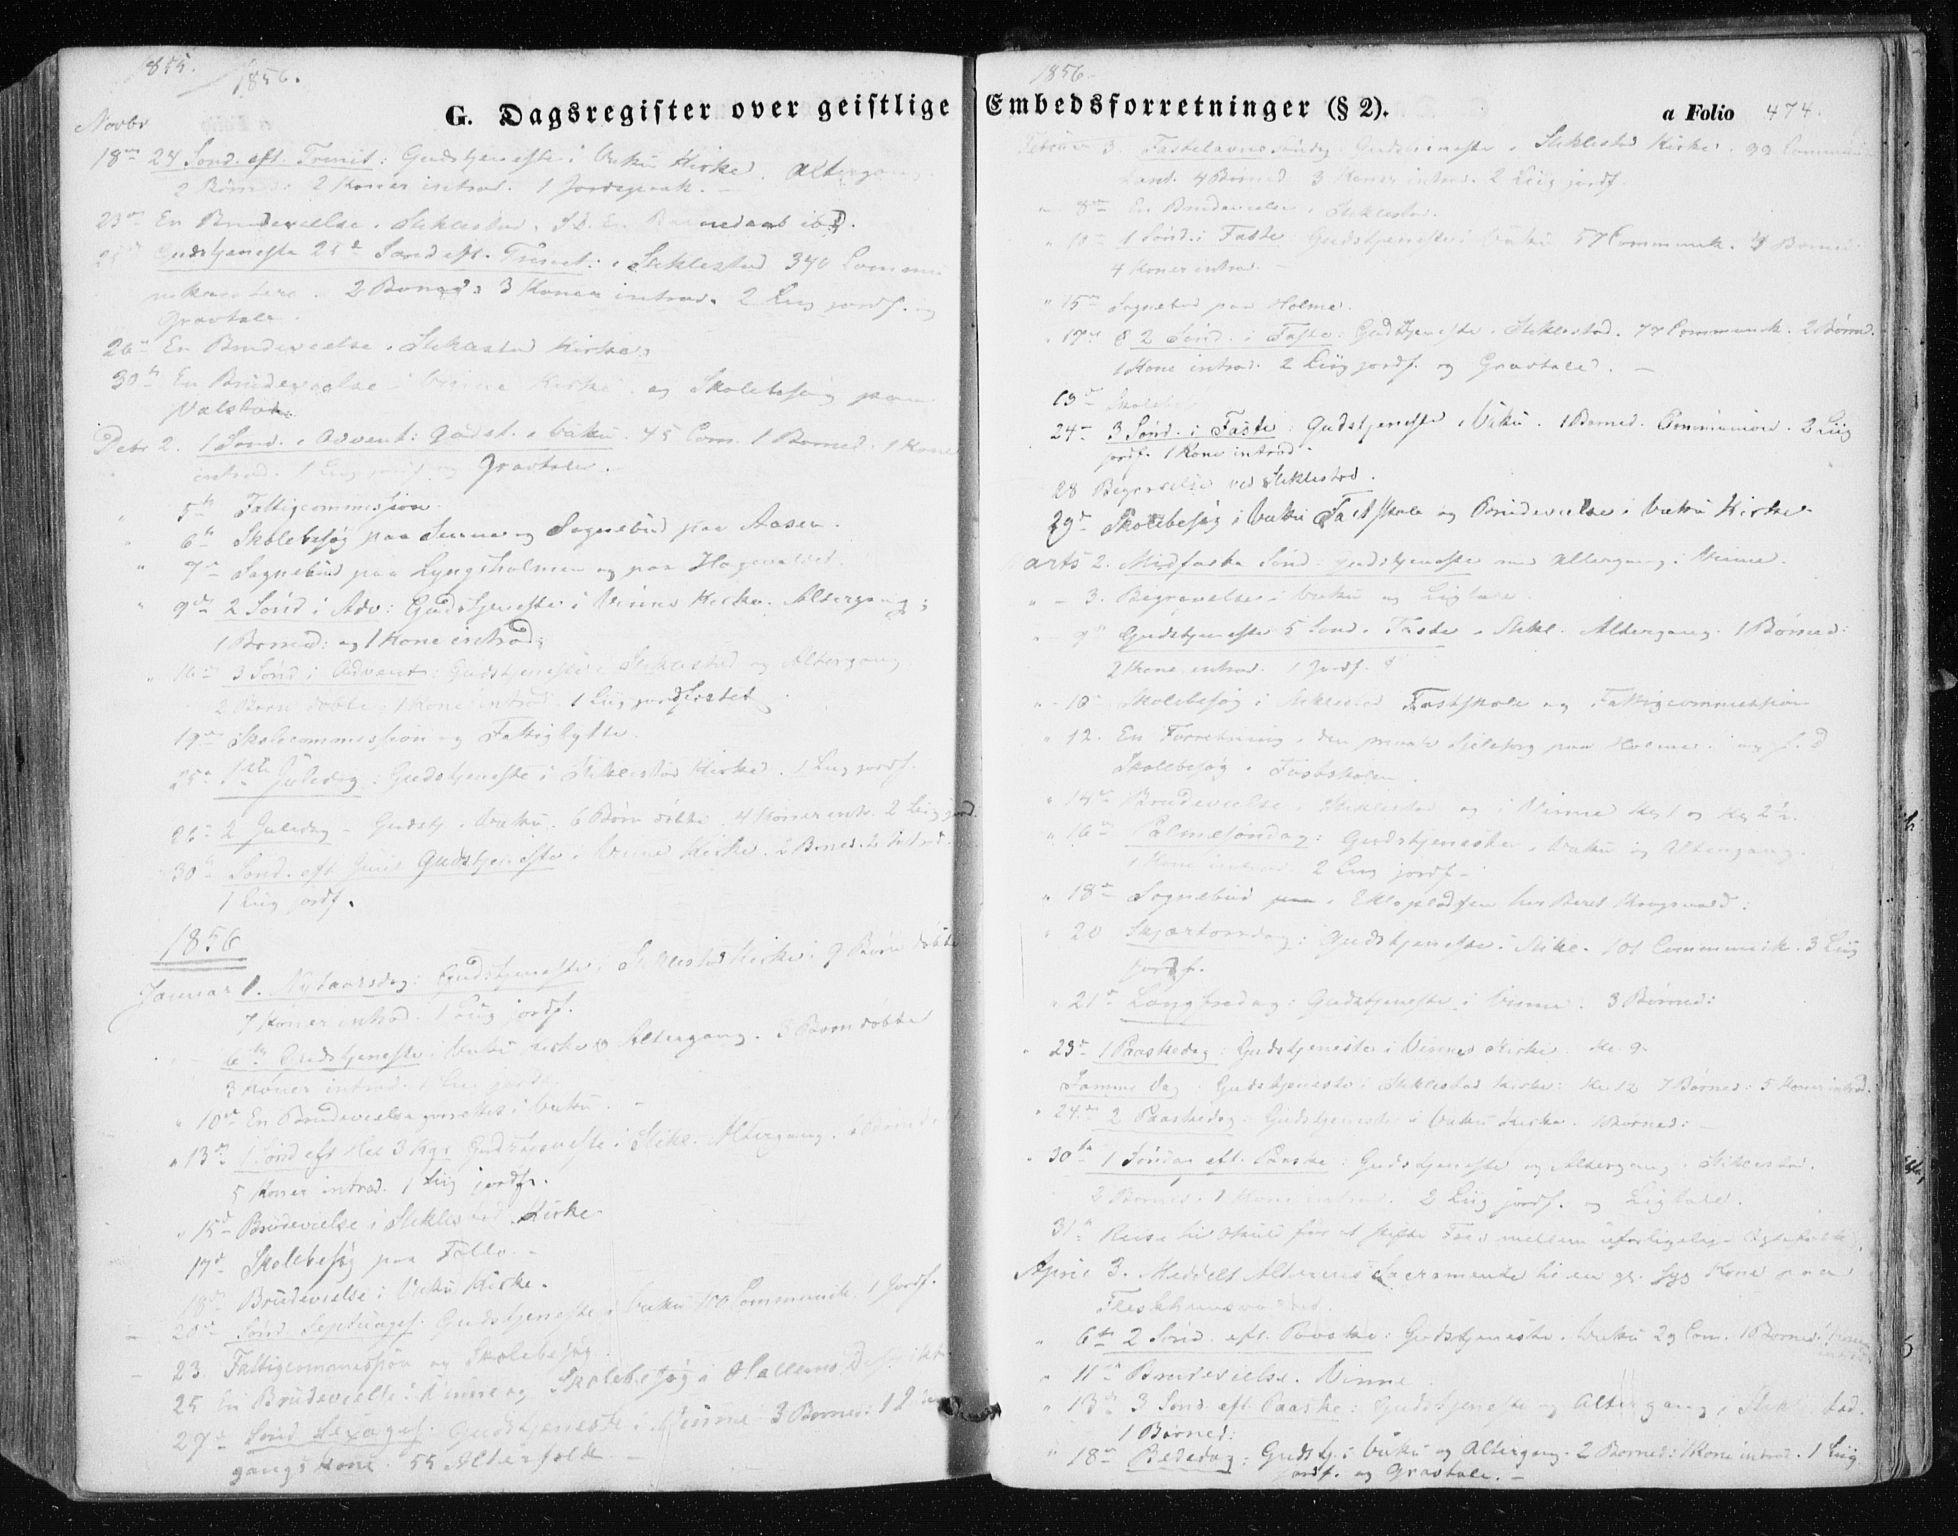 SAT, Ministerialprotokoller, klokkerbøker og fødselsregistre - Nord-Trøndelag, 723/L0240: Ministerialbok nr. 723A09, 1852-1860, s. 474